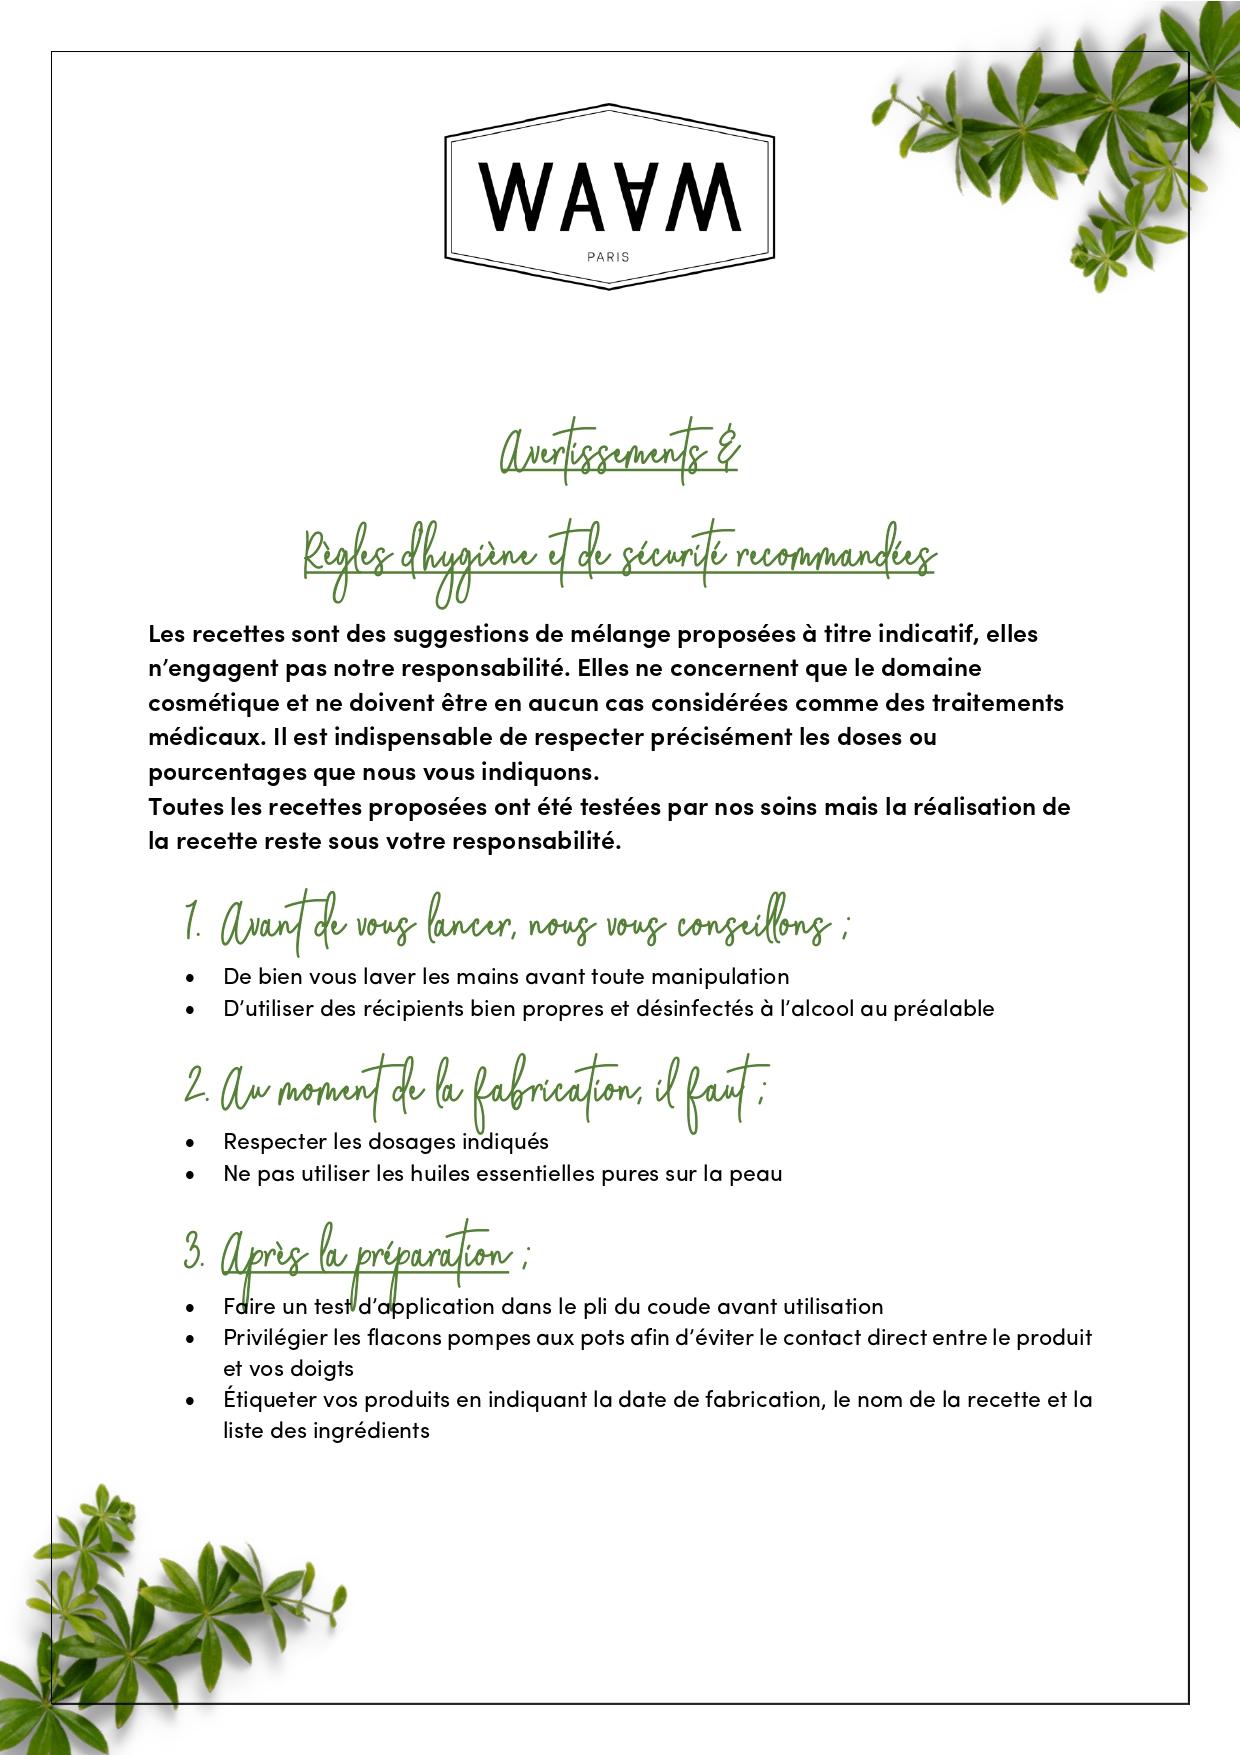 Règles d'hygiène et de sécurité recommandées